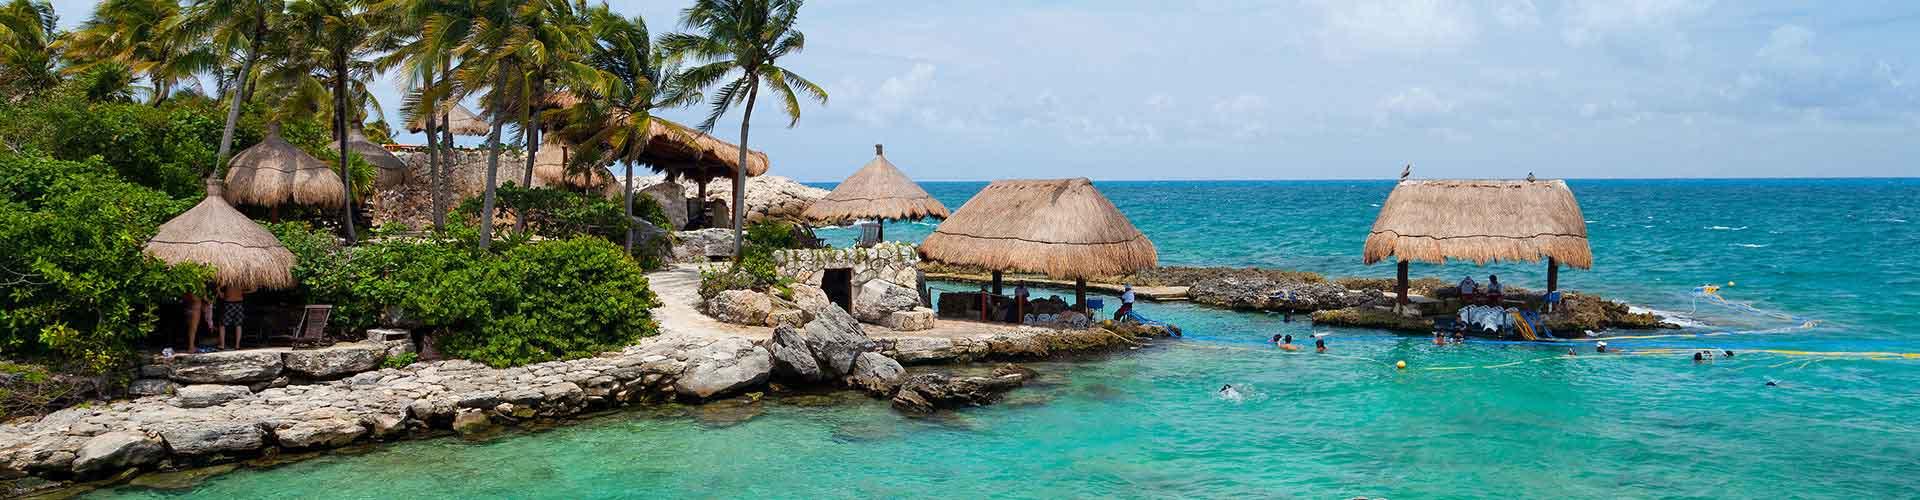 Cancún - Hostele w mieście: Cancún, Mapy: Cancún, Zdjęcia i Recenzje dla każdego hostelu w mieście Cancún.